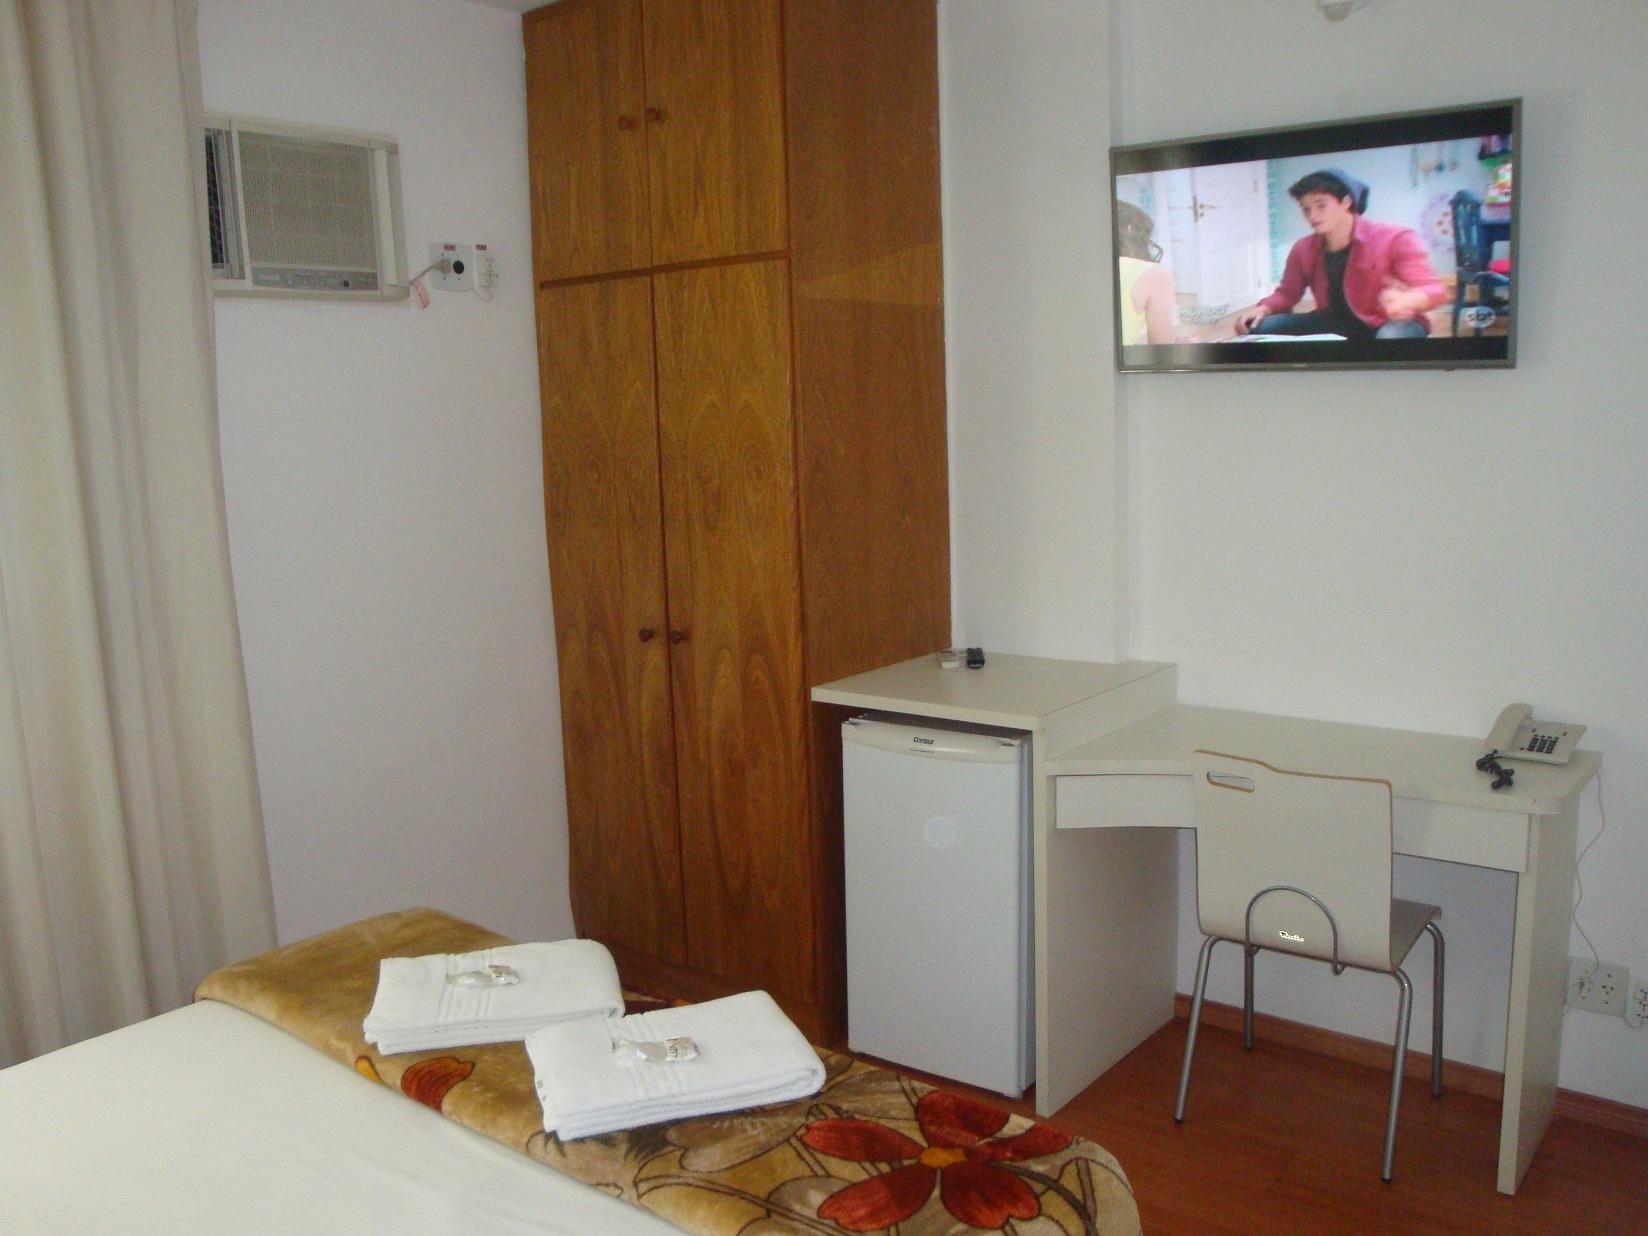 Hotel em São Paulo - Suíte Casal - Hotel San Gabriel